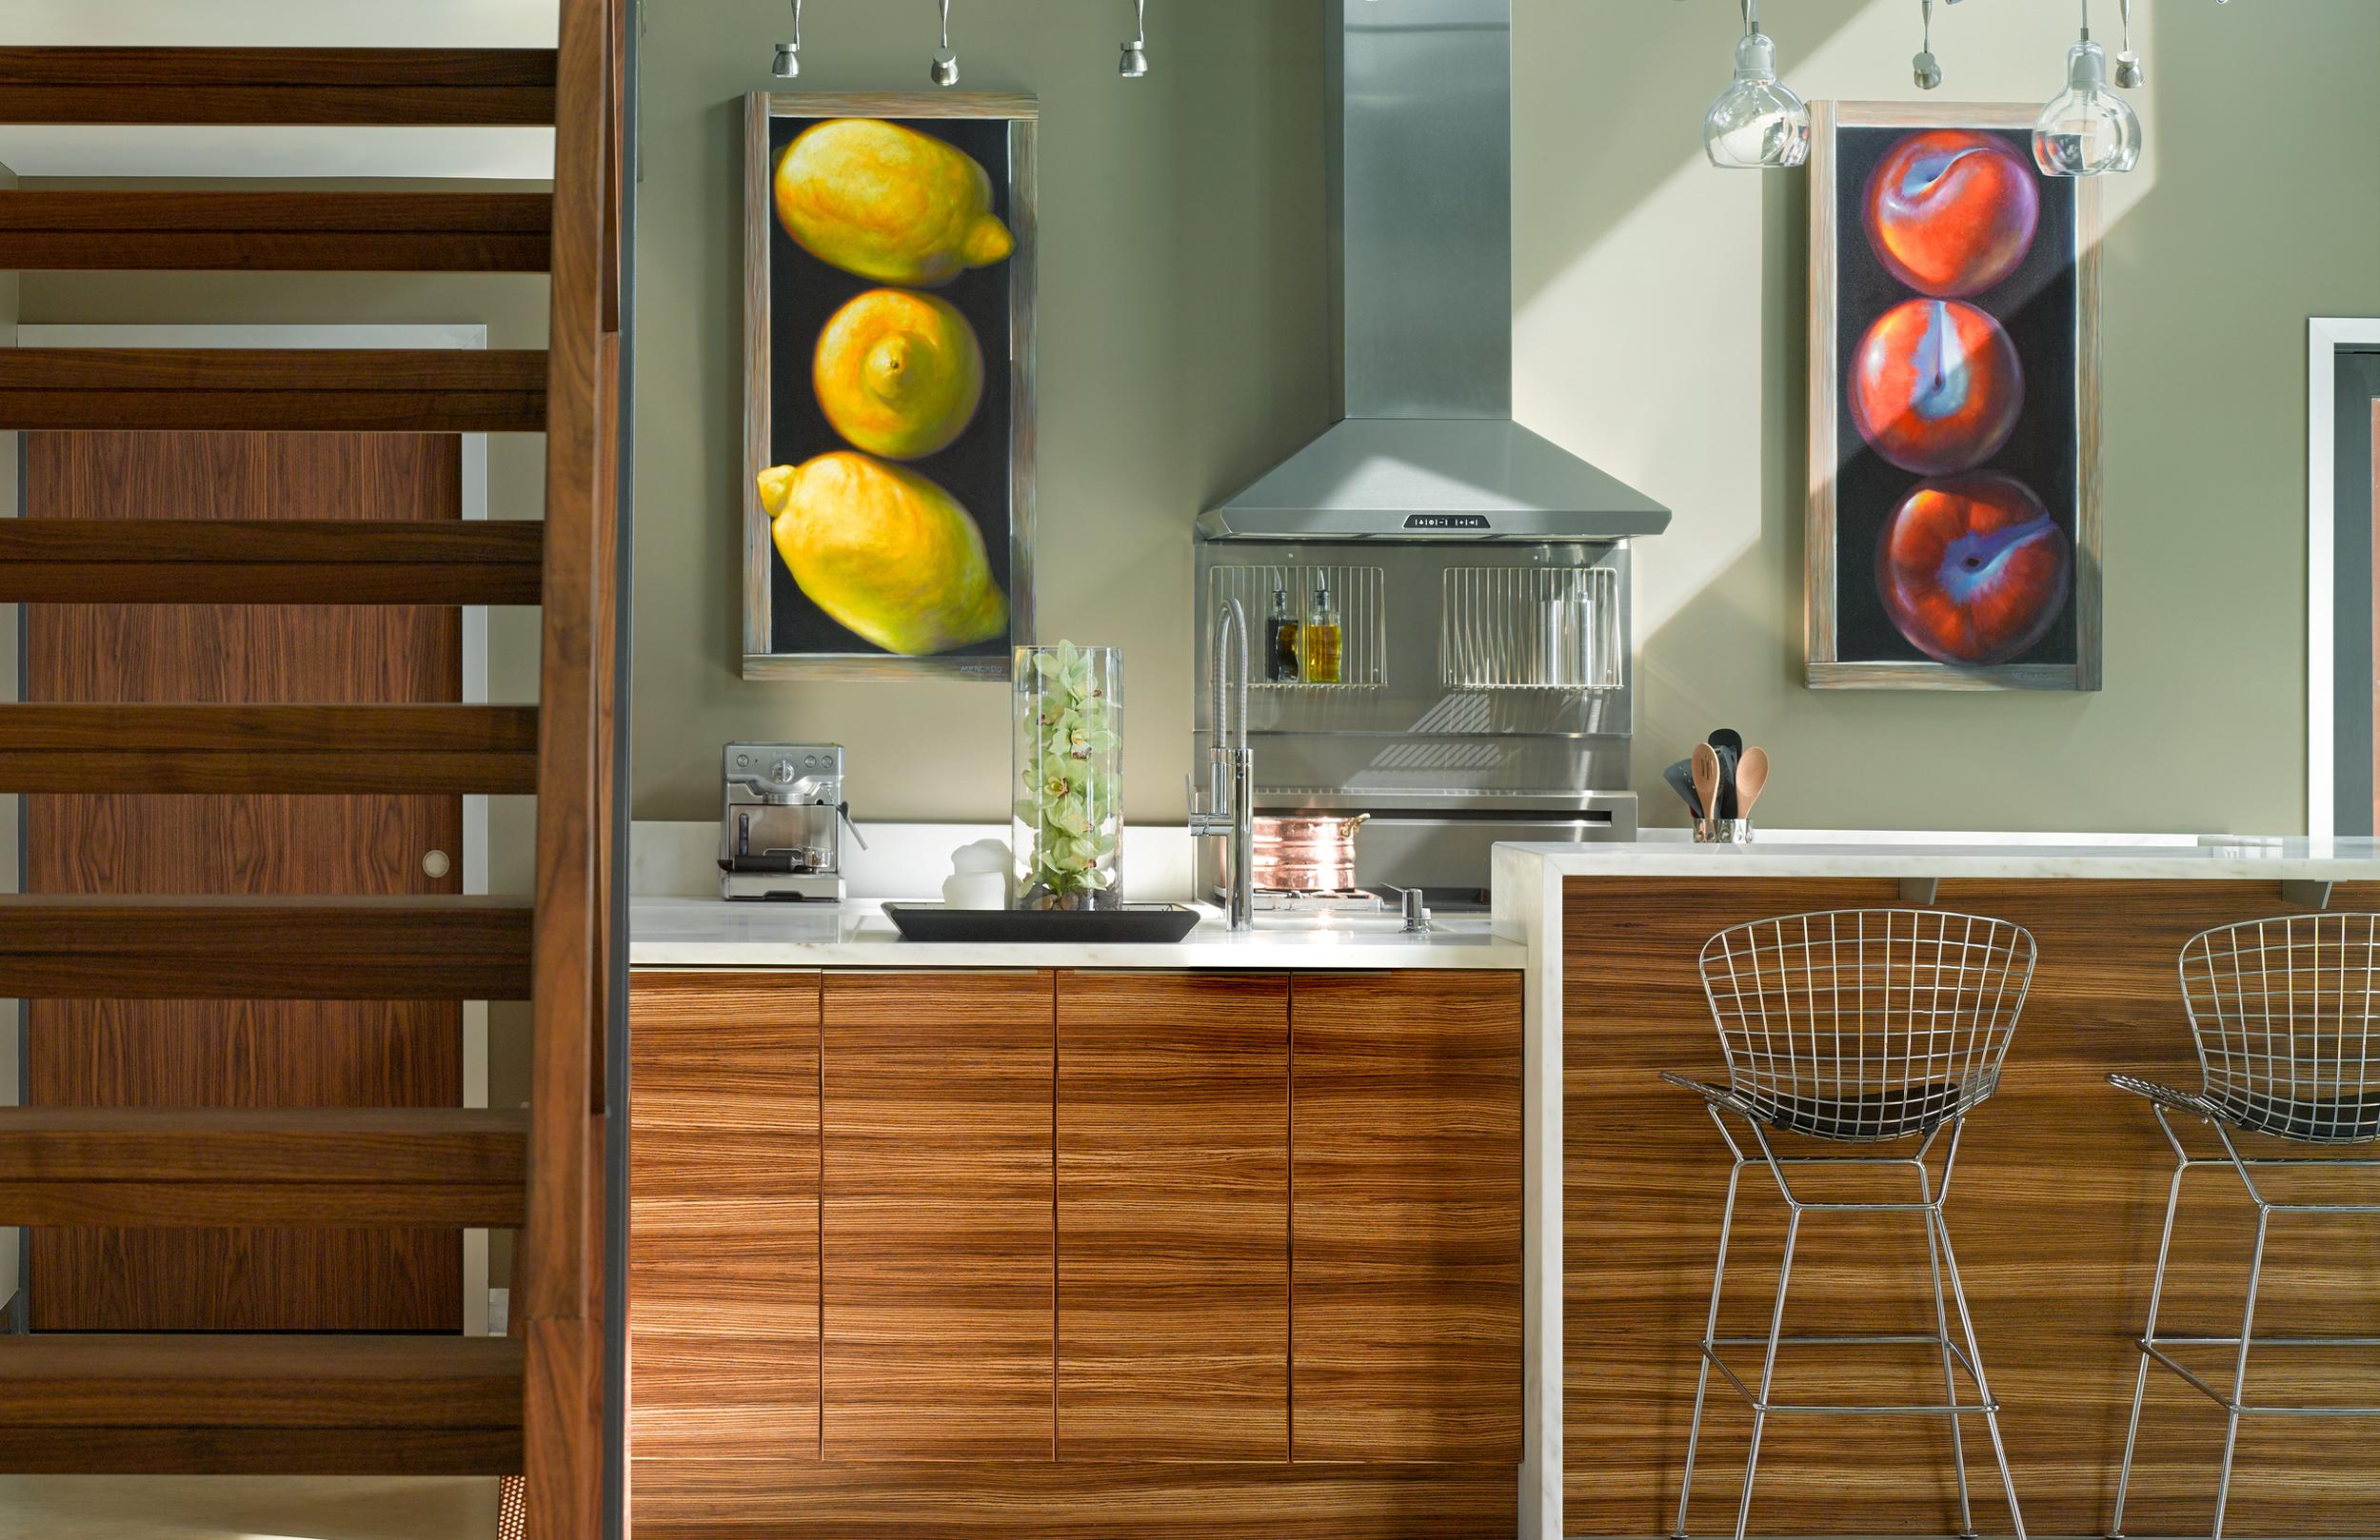 tremblay kitchen 5.5x8.5.jpg